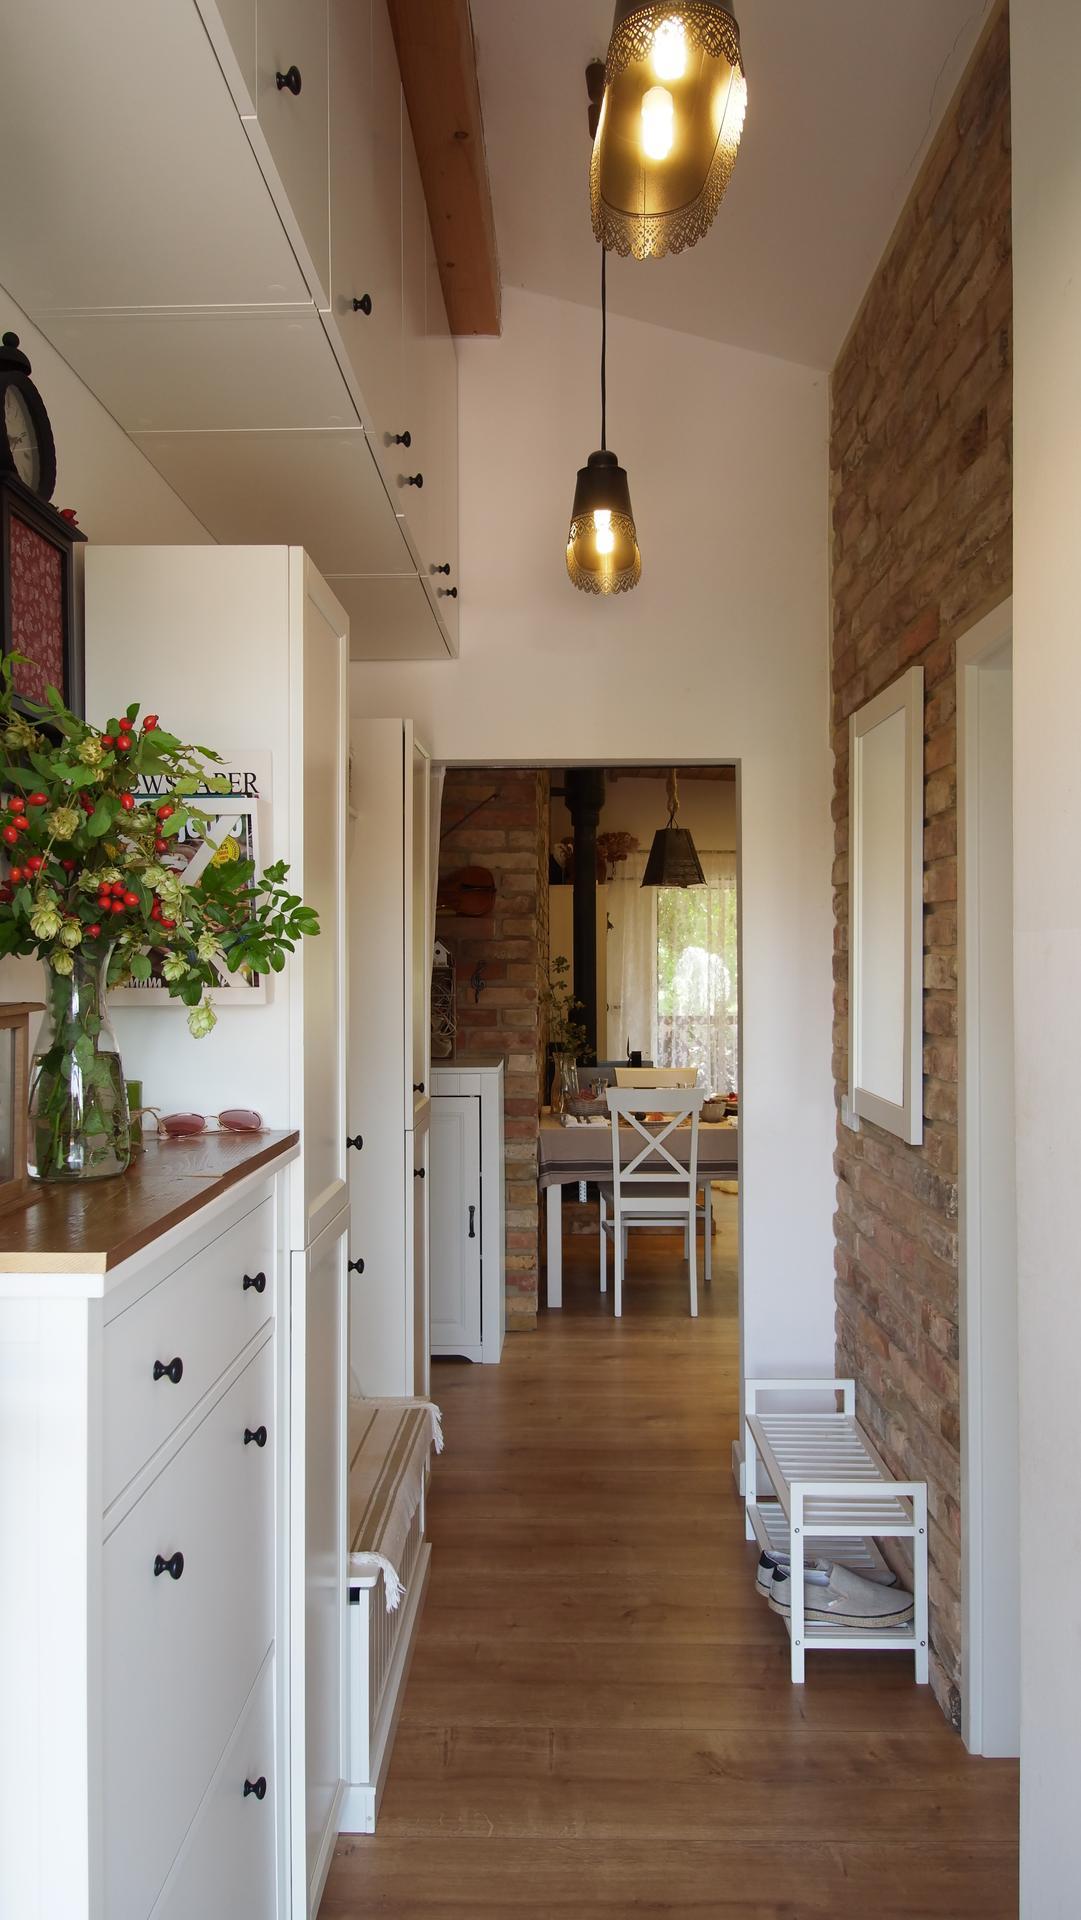 Náš domček ♡ Bramasole ♡ ... Stilo interiér aj exteriér 4. rok bývania - Obrázok č. 176